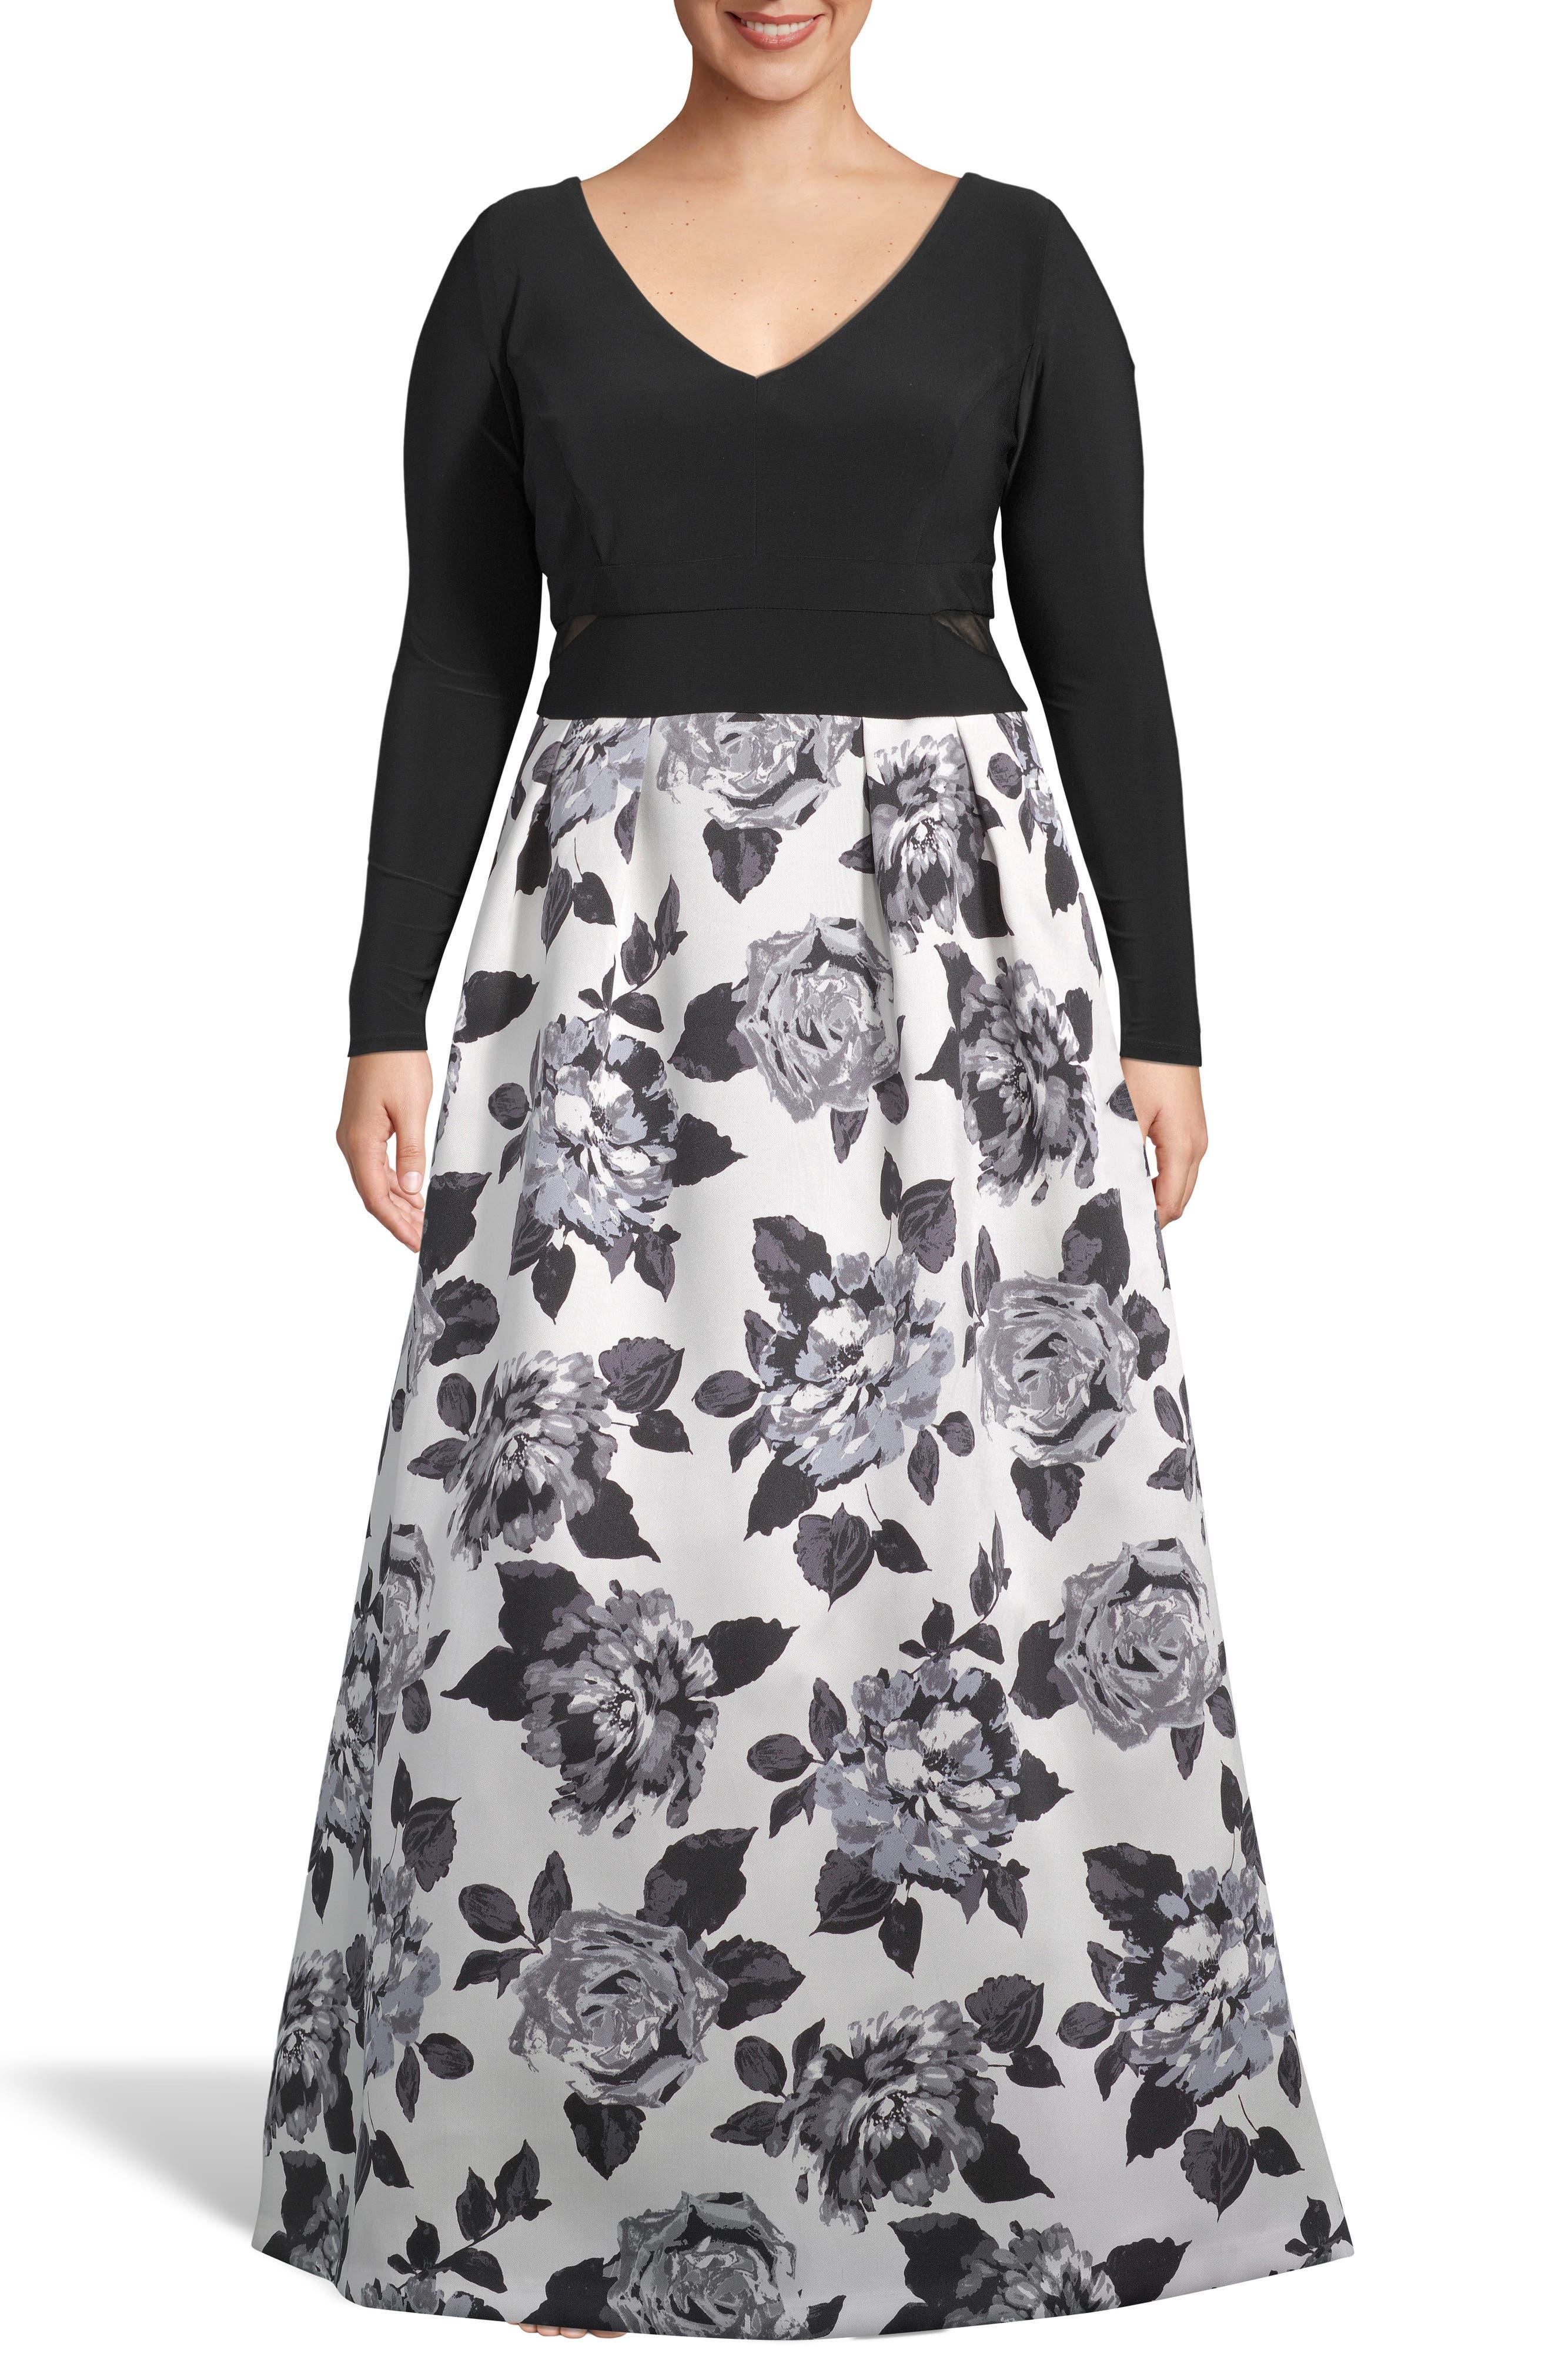 Plus Size Xscape Floral Print Skirt Evening Dress, Black